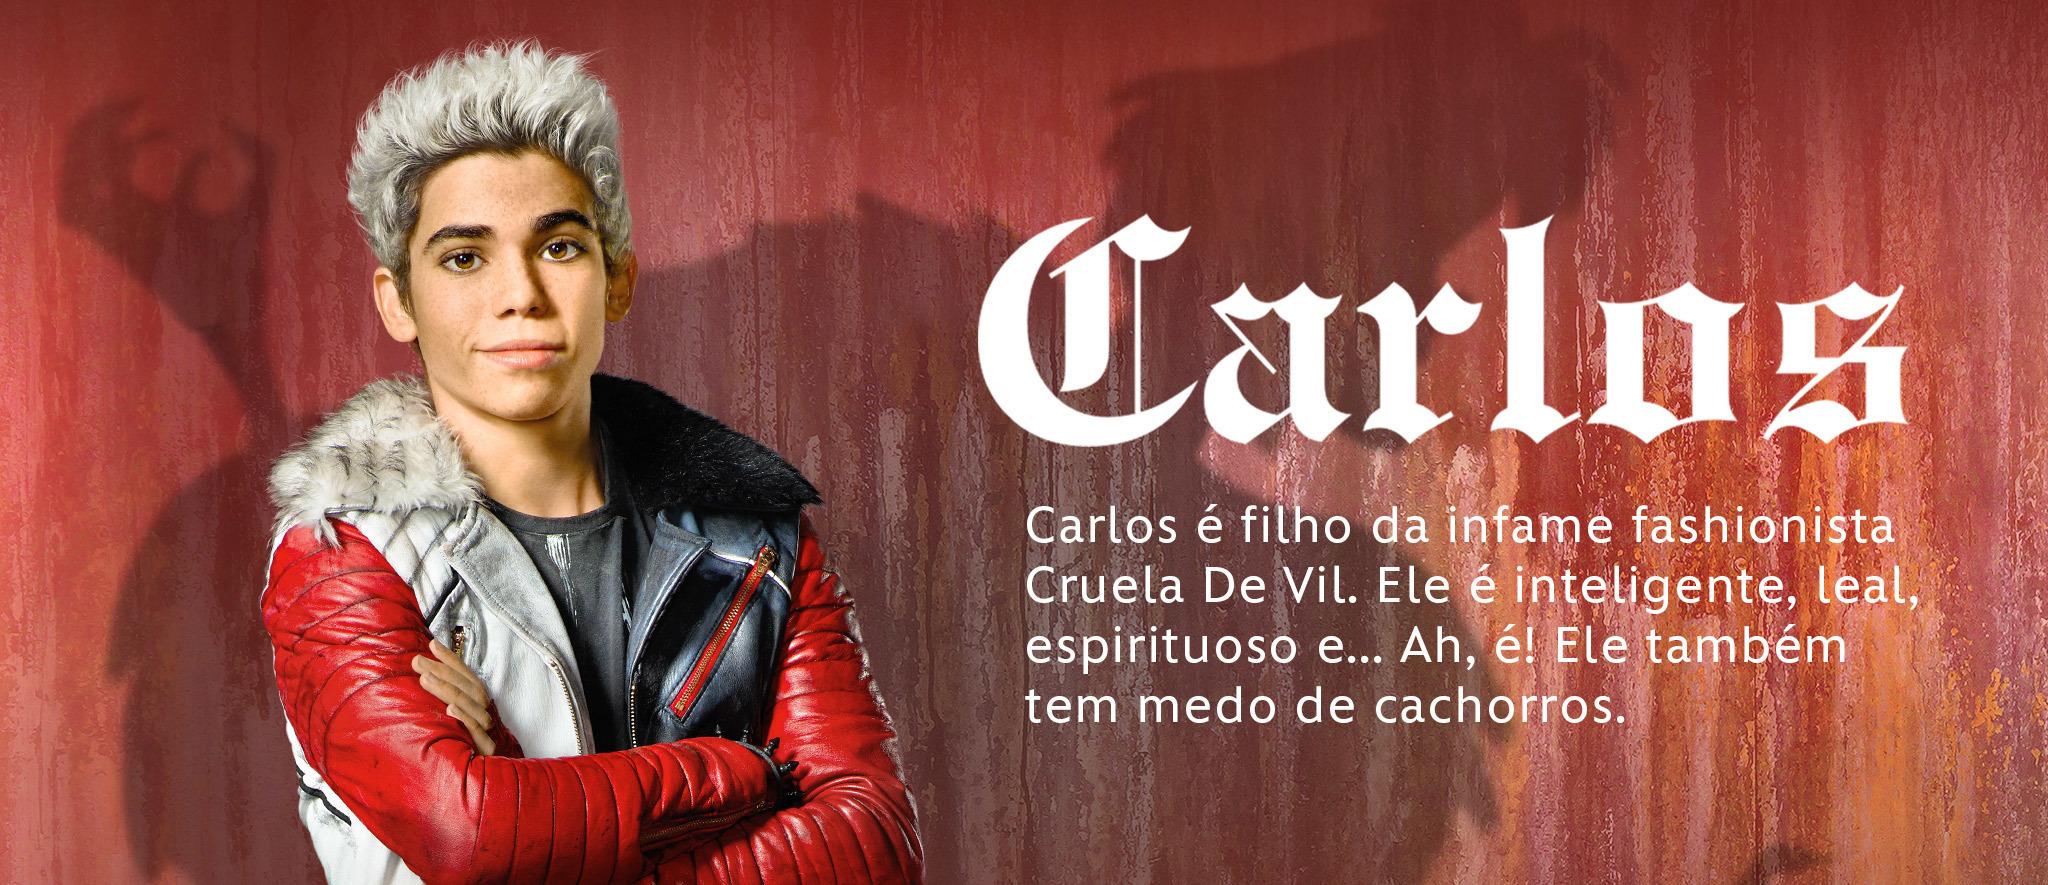 Descendentes-Carlos